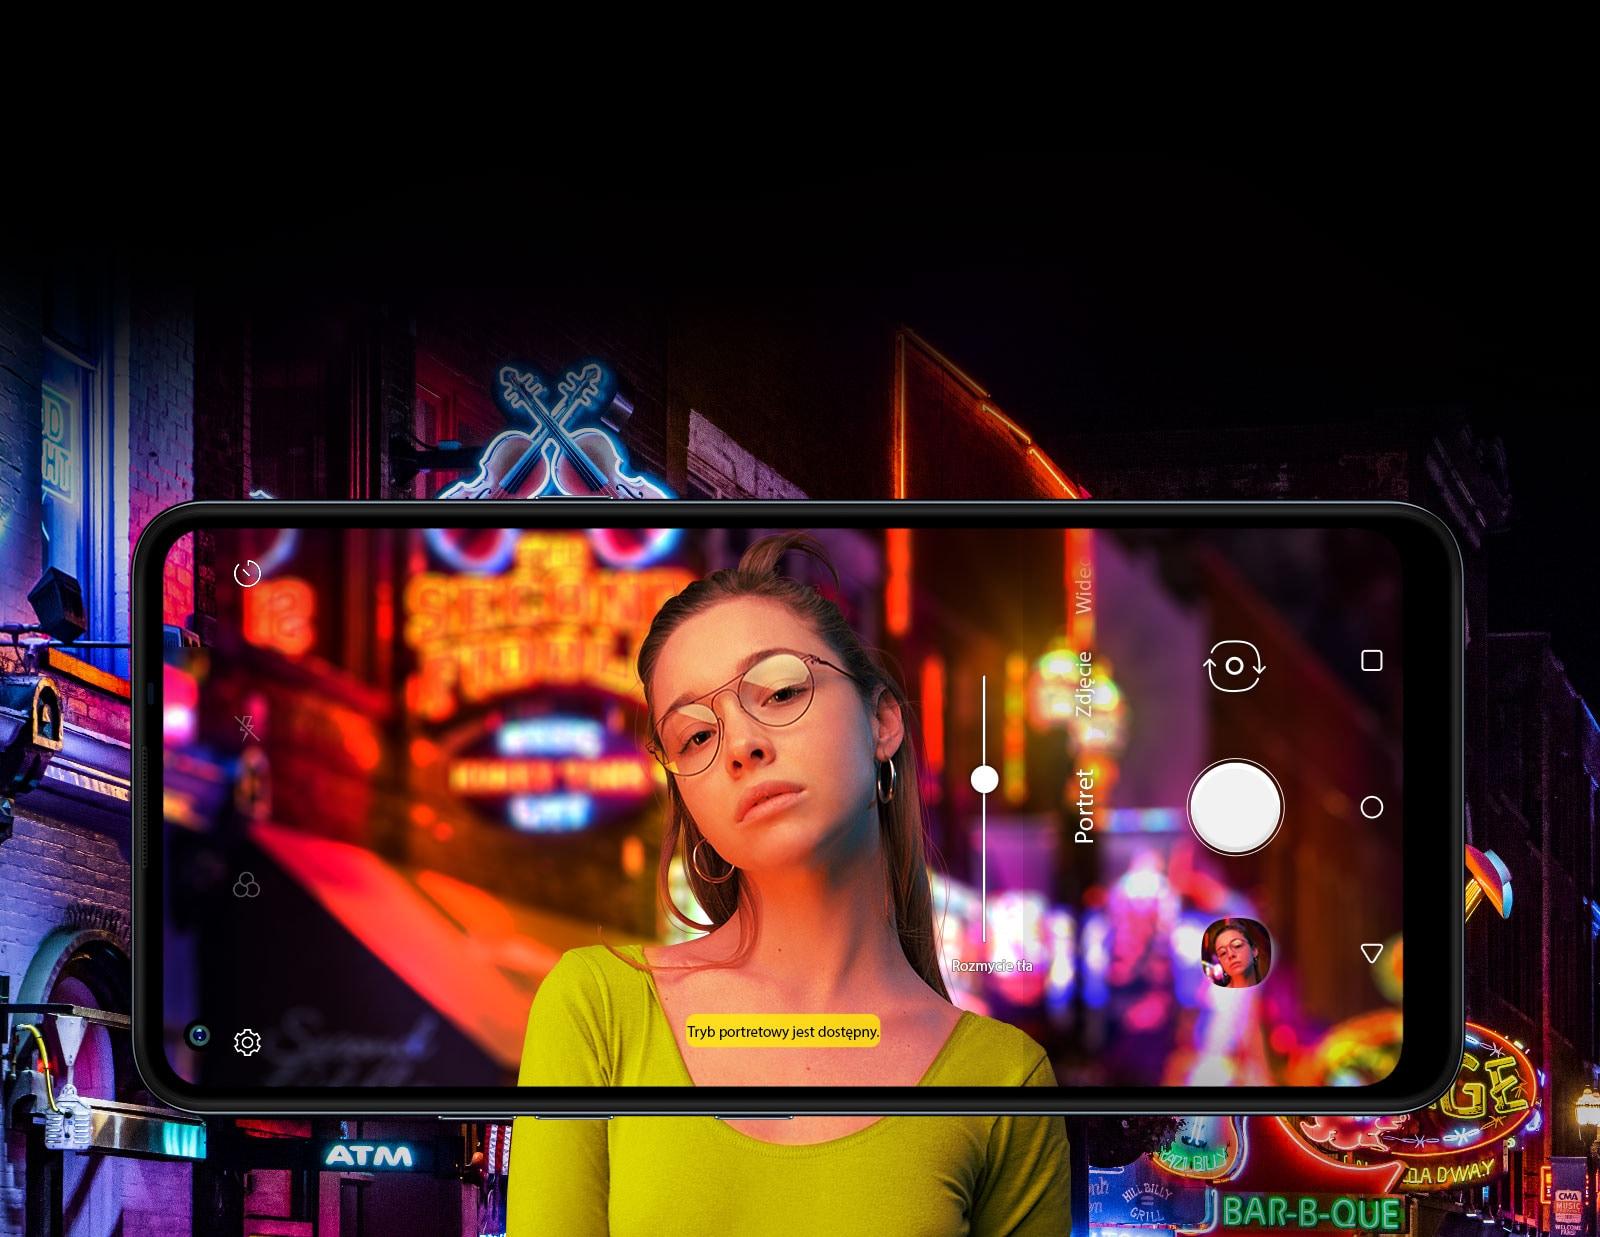 Kobieta robiąca selfie na tle ulicy, wzdłuż której ustawione są neony